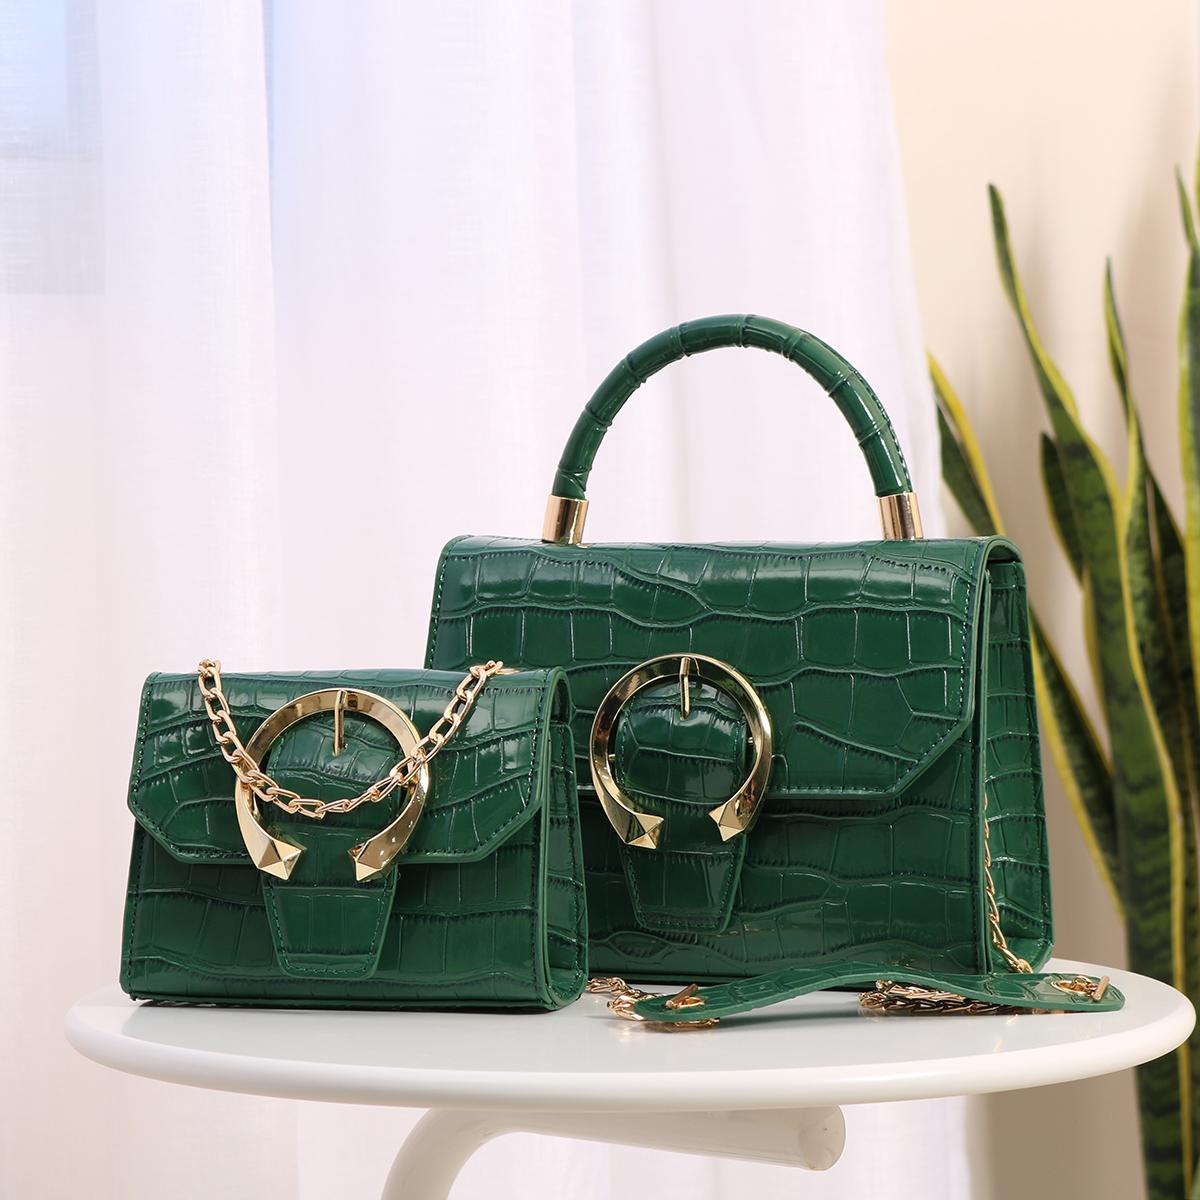 011 Luxury ladies pu leather tote bag crossbody shoulder handbags 2 in 1 set geometric bags women handbags